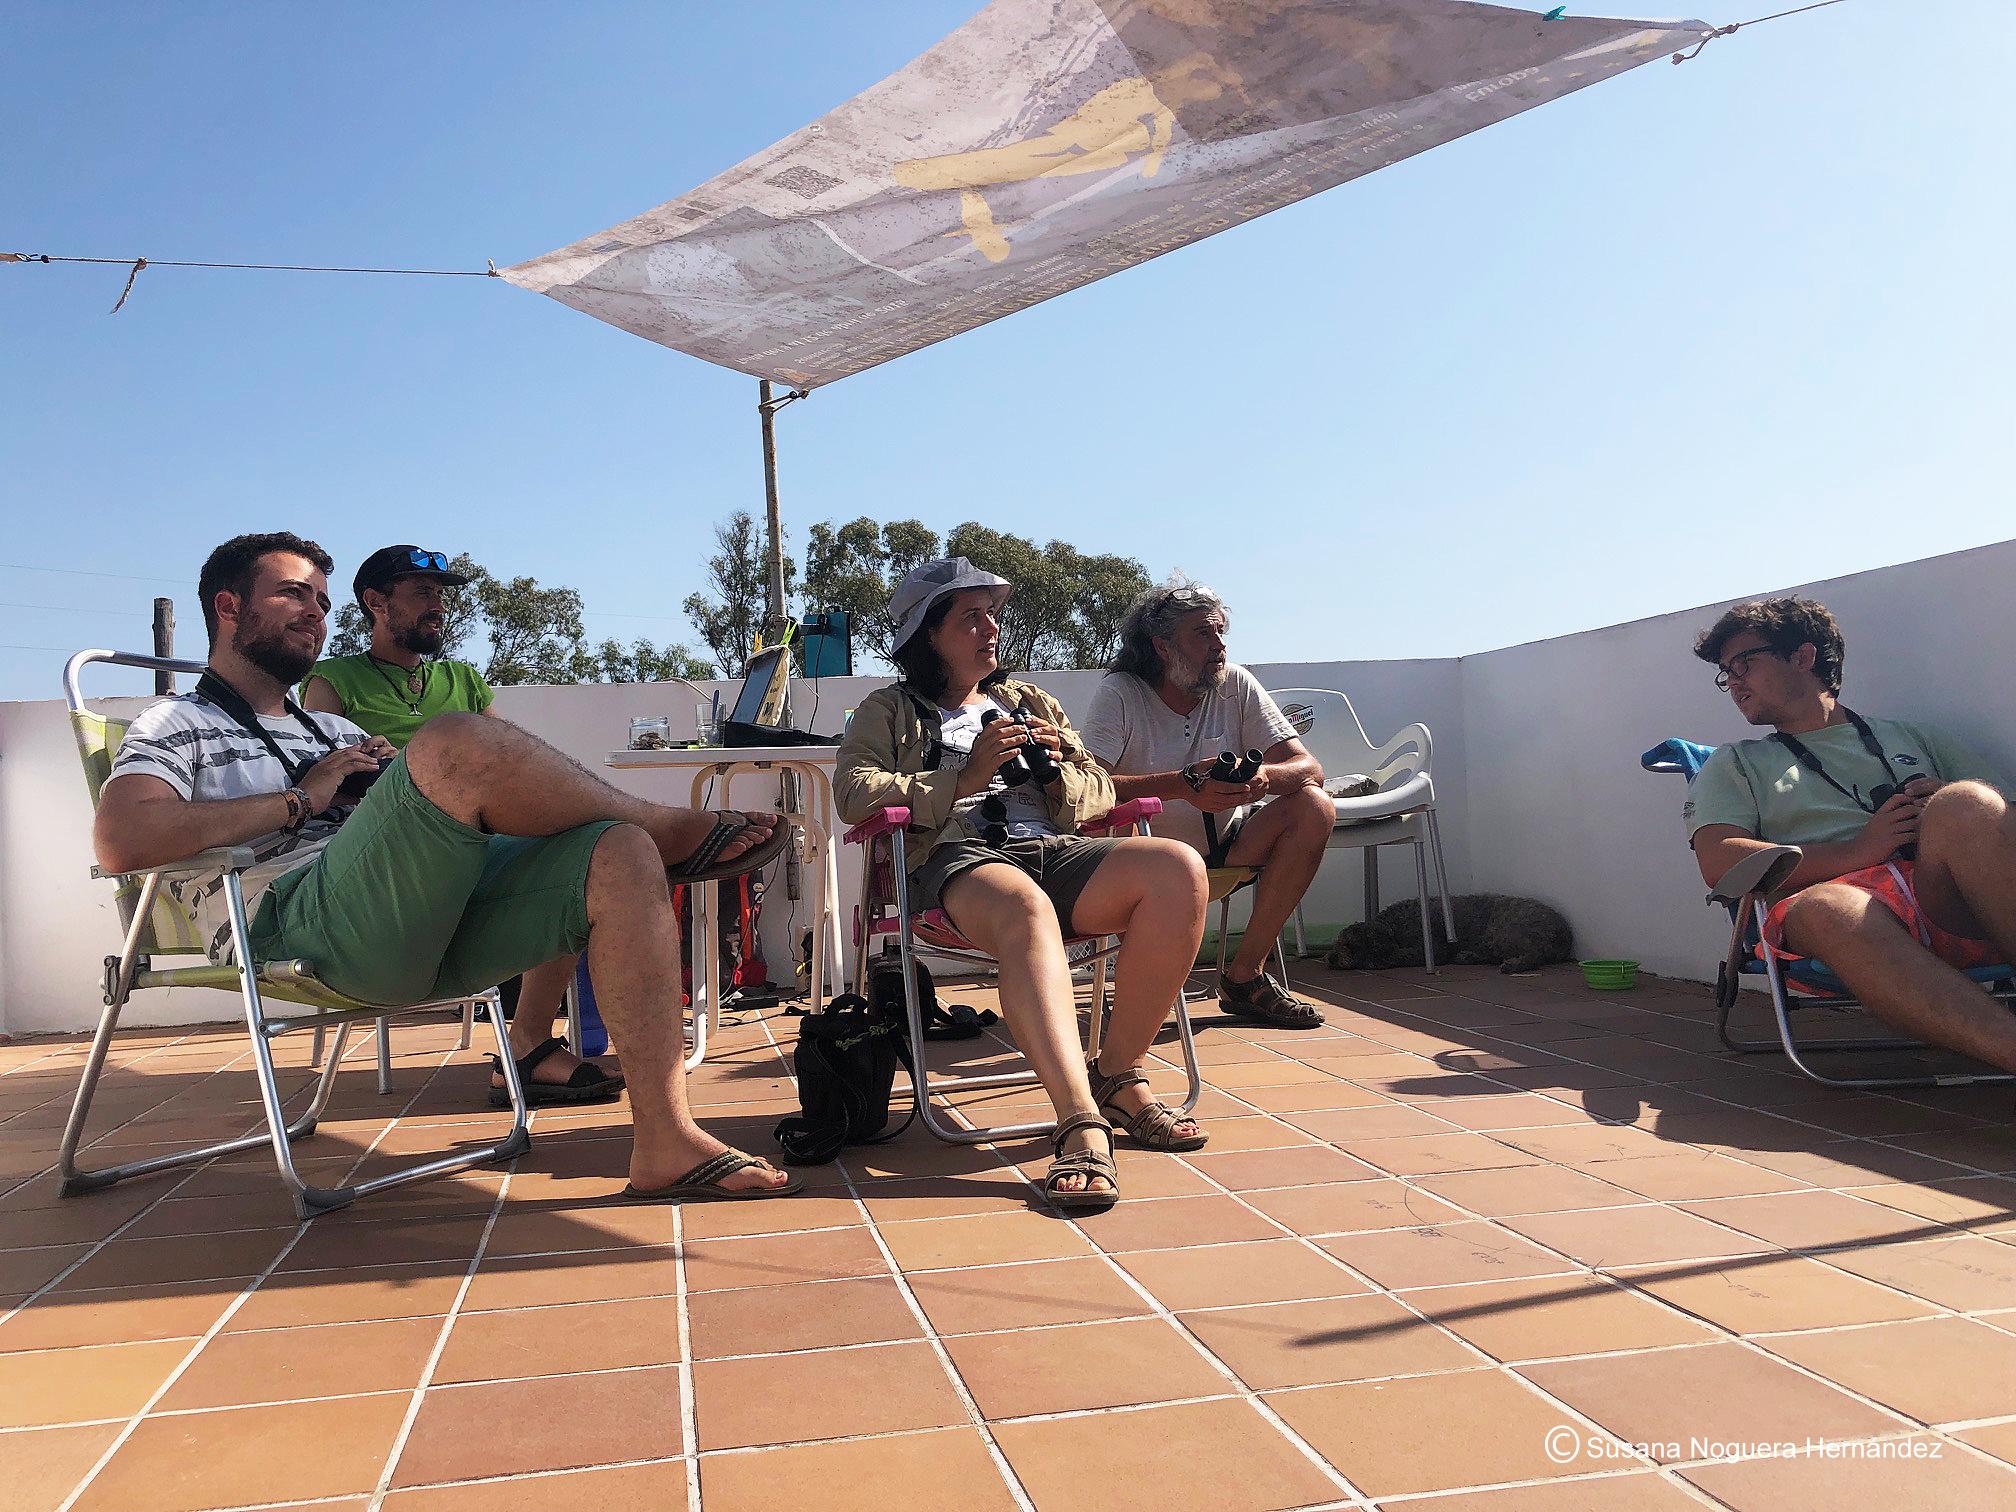 Los voluntarios, charlando y mirando el cielo. Imagen: Susana Noguera Hernández